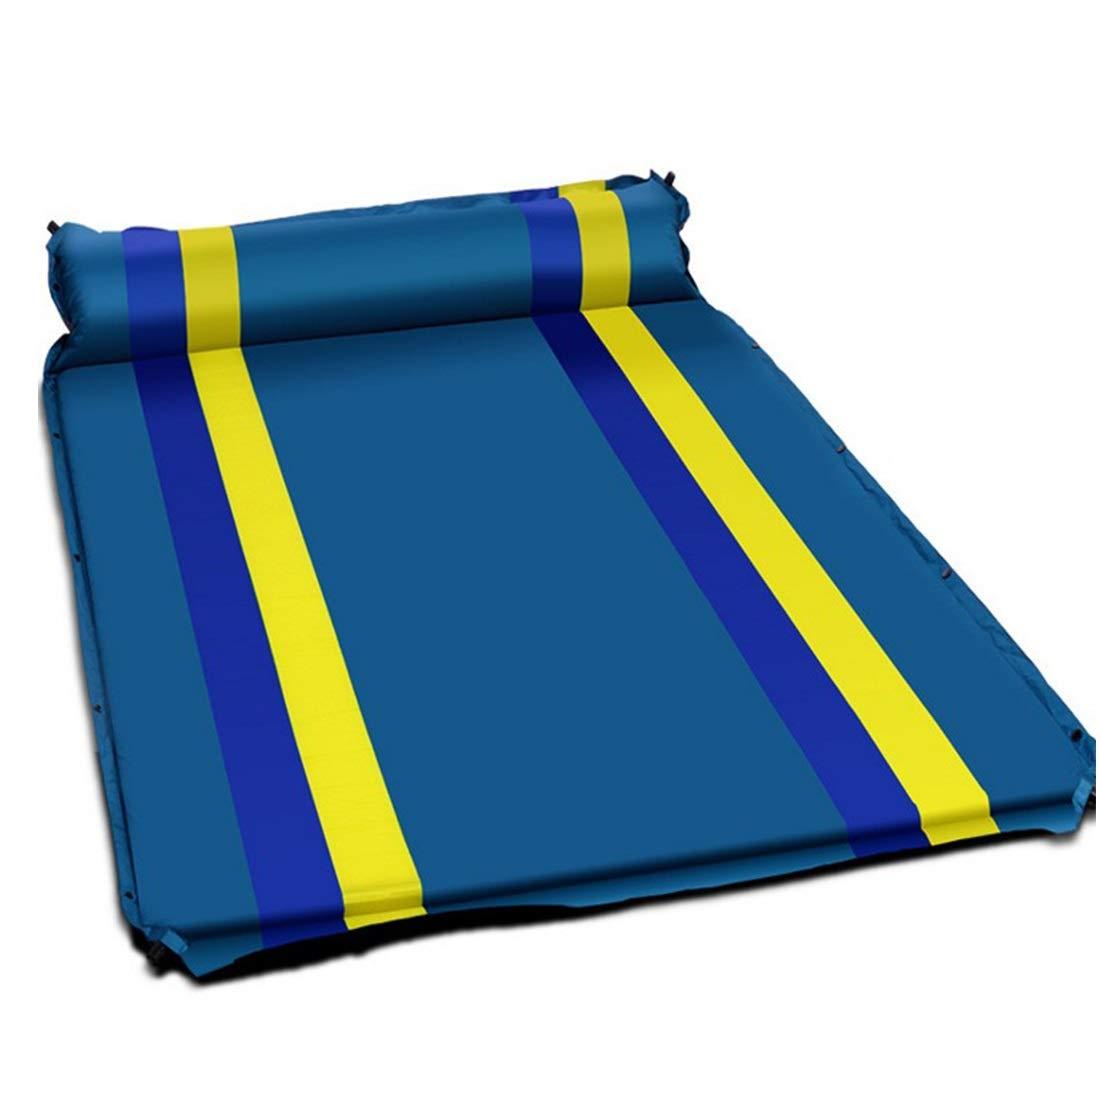 Ofliery Aufblasbares automatisches Kissen aufgeweitetes Starkes Zelt im Freien feuchtigkeitsfeste Schlafmatte (Farbe : Blau)